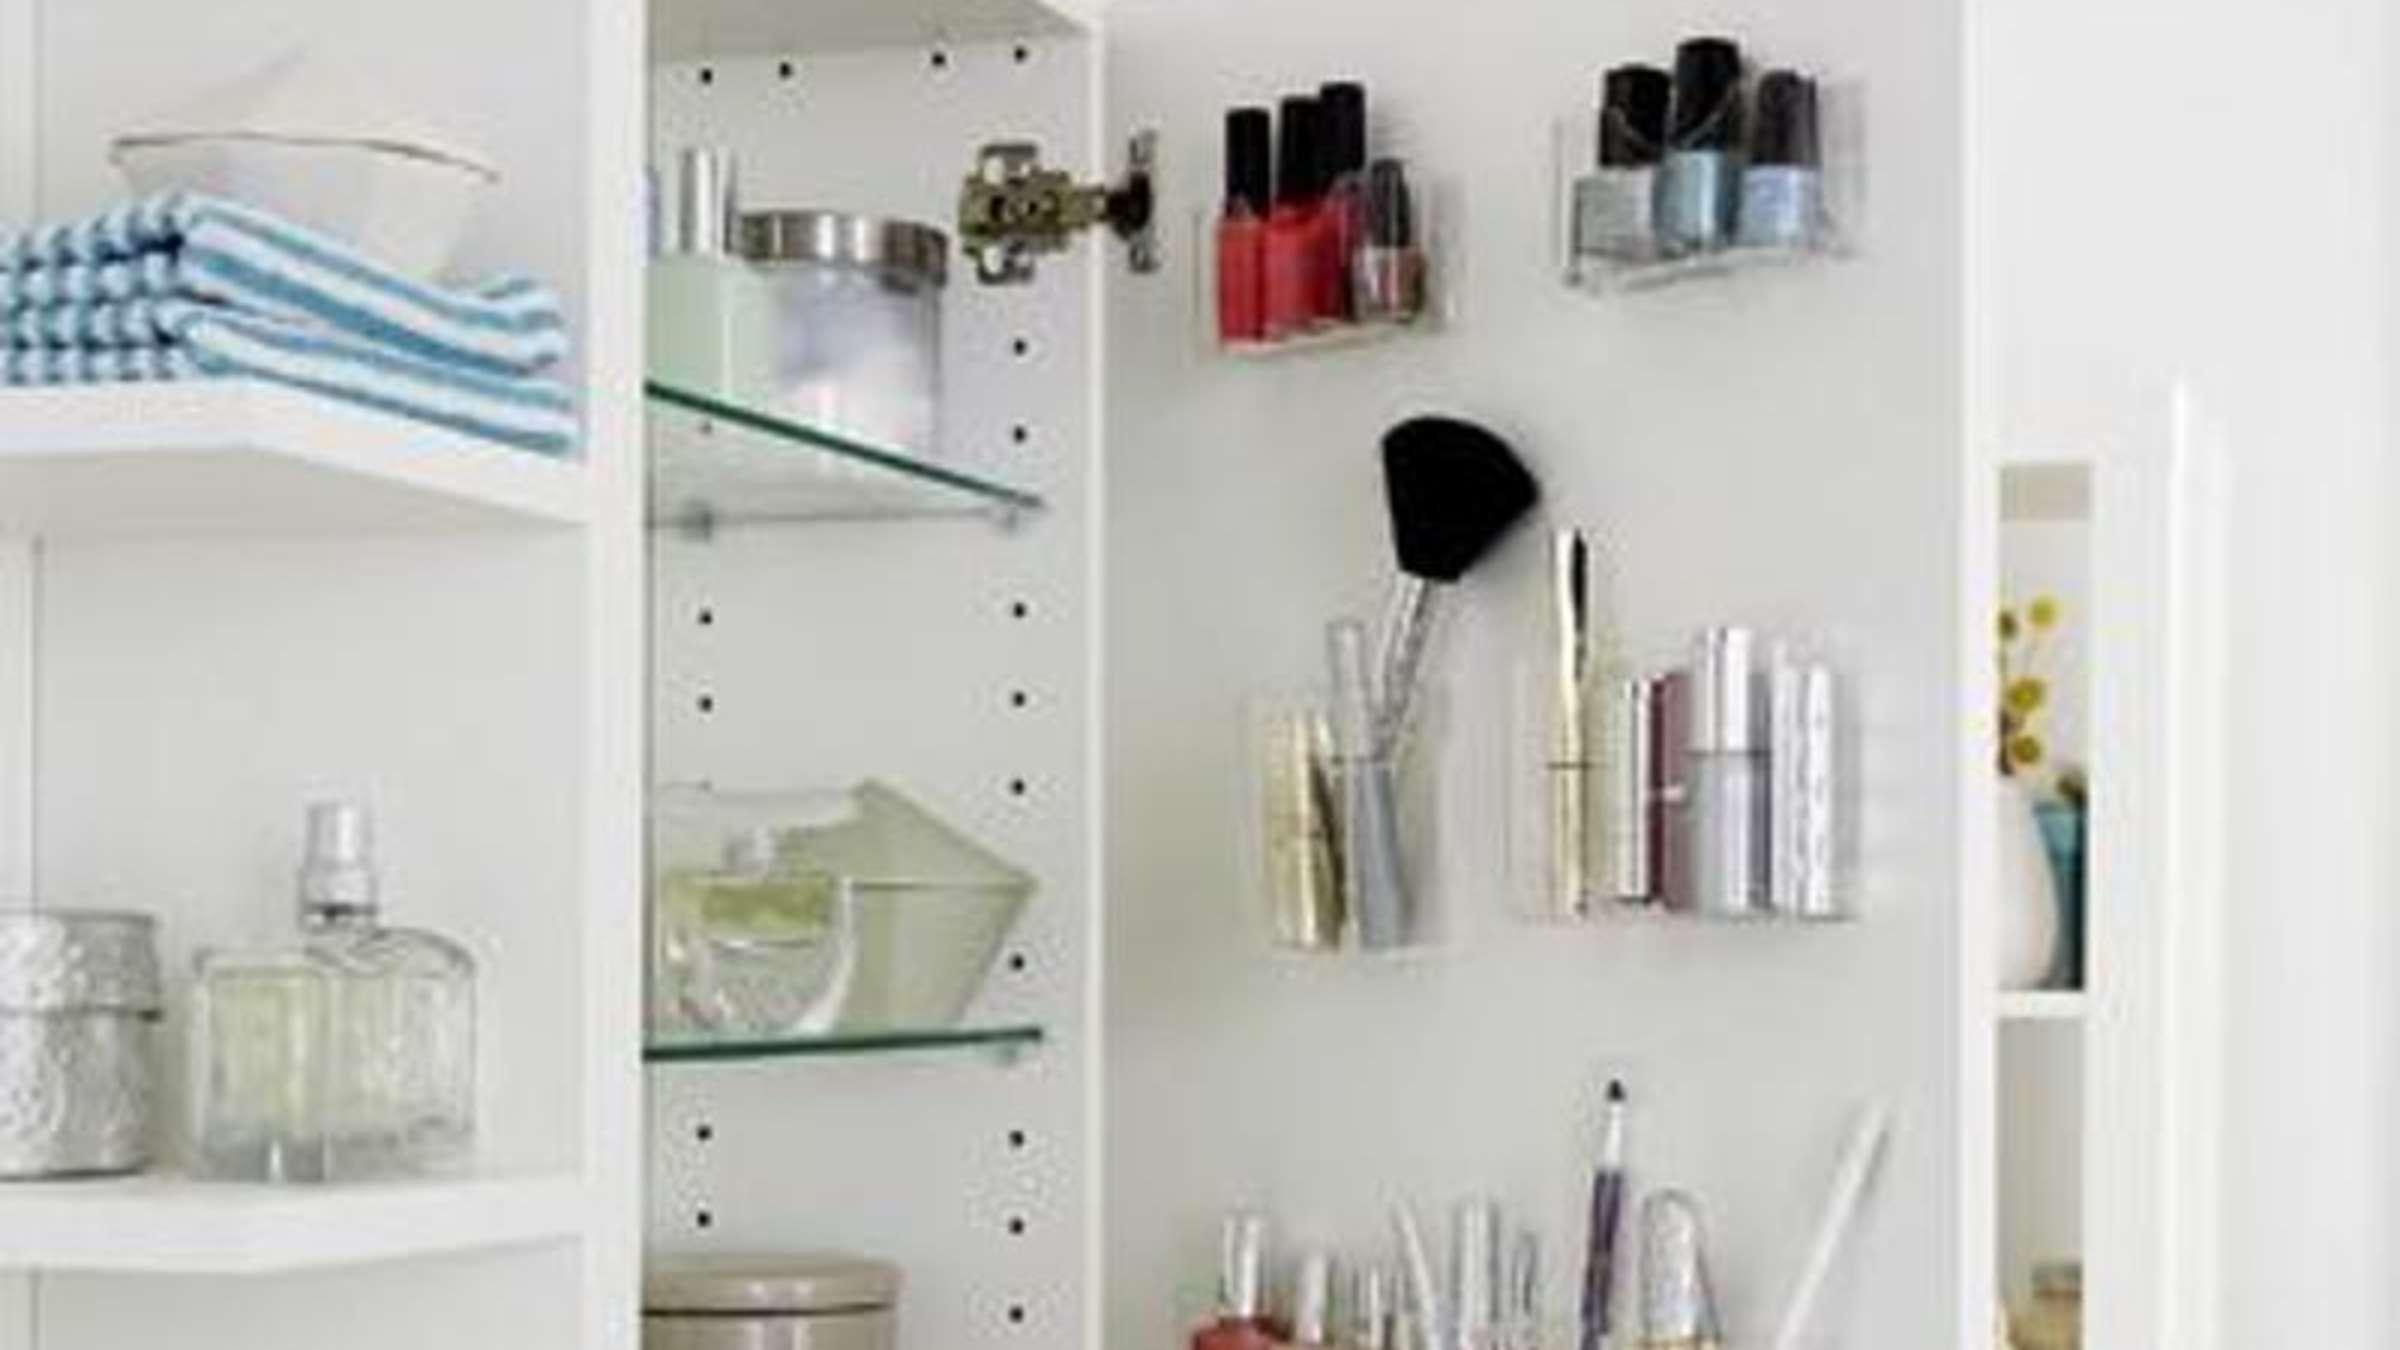 Ordnung Im Badschrank Schaffen Behalter An Die Tur Kleben Wohnen